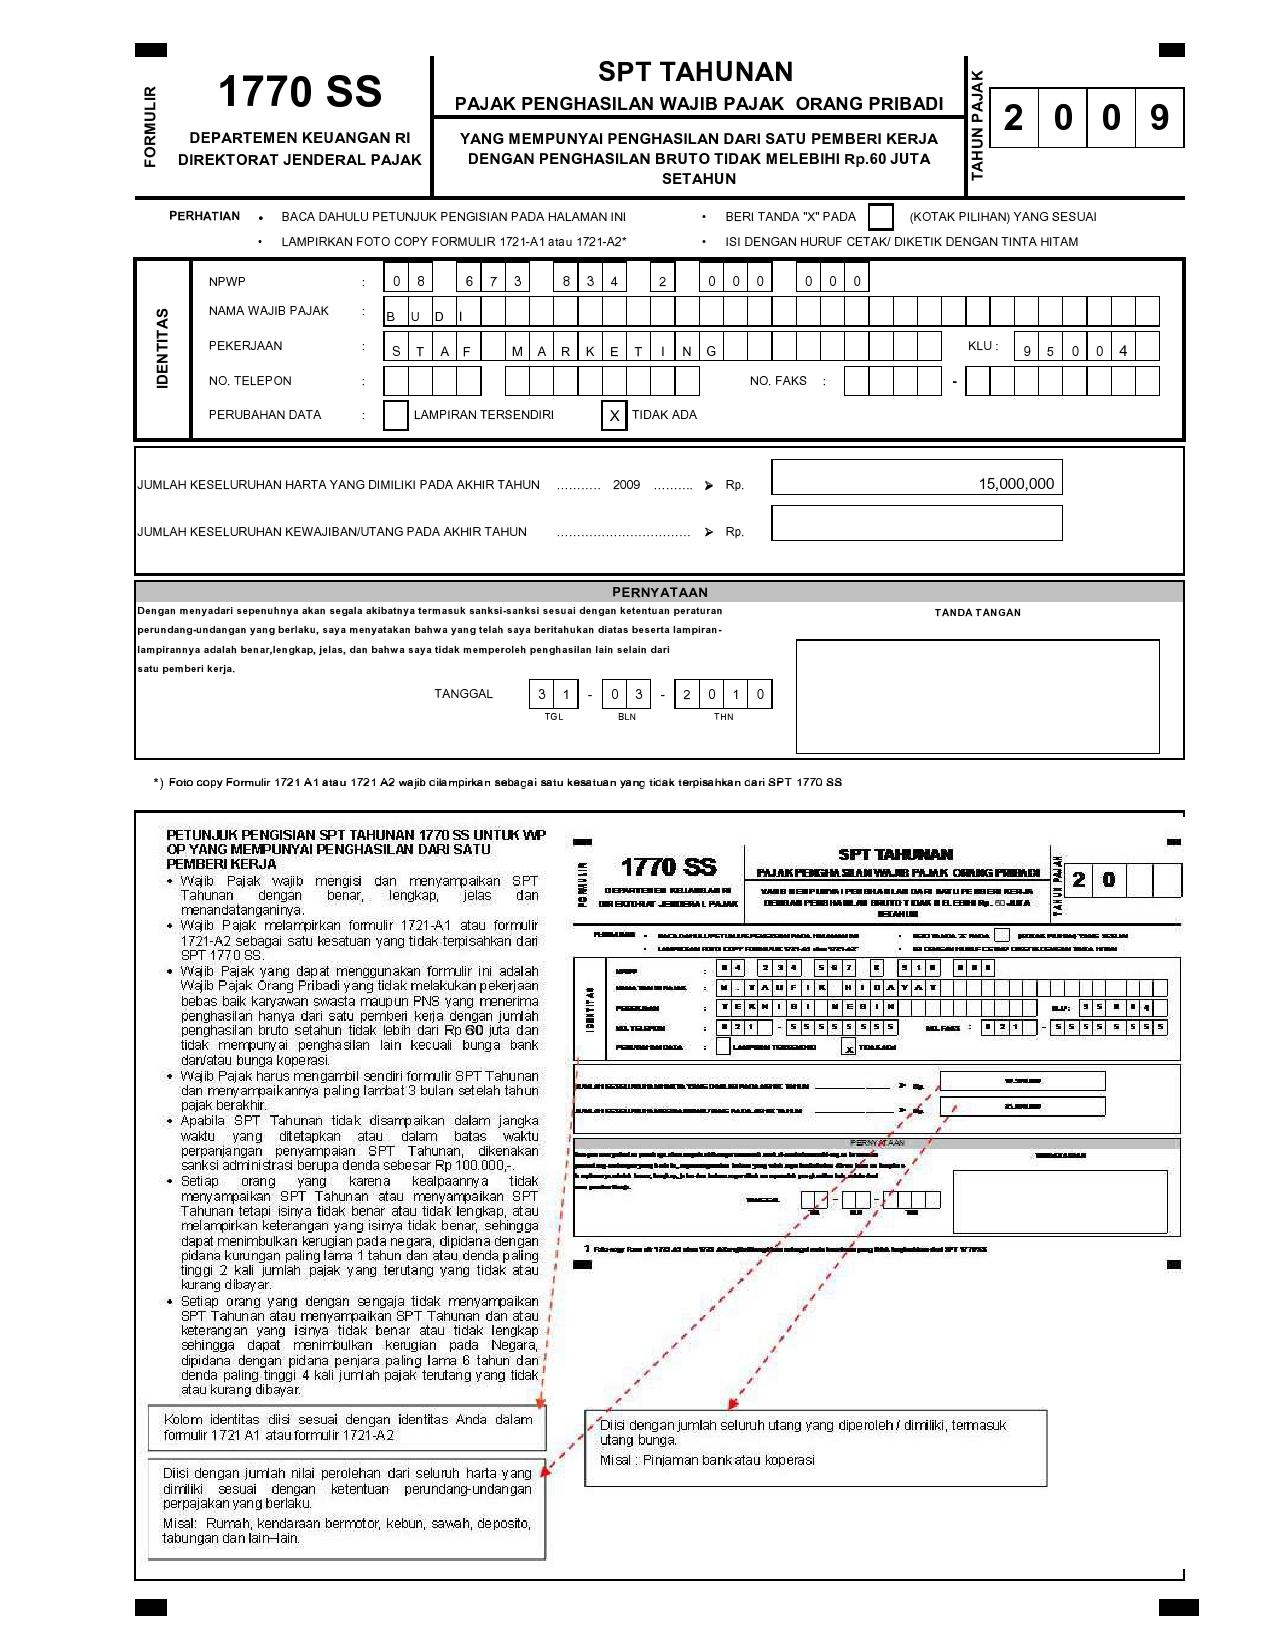 Download form spt tahunan orang pribadi 2011